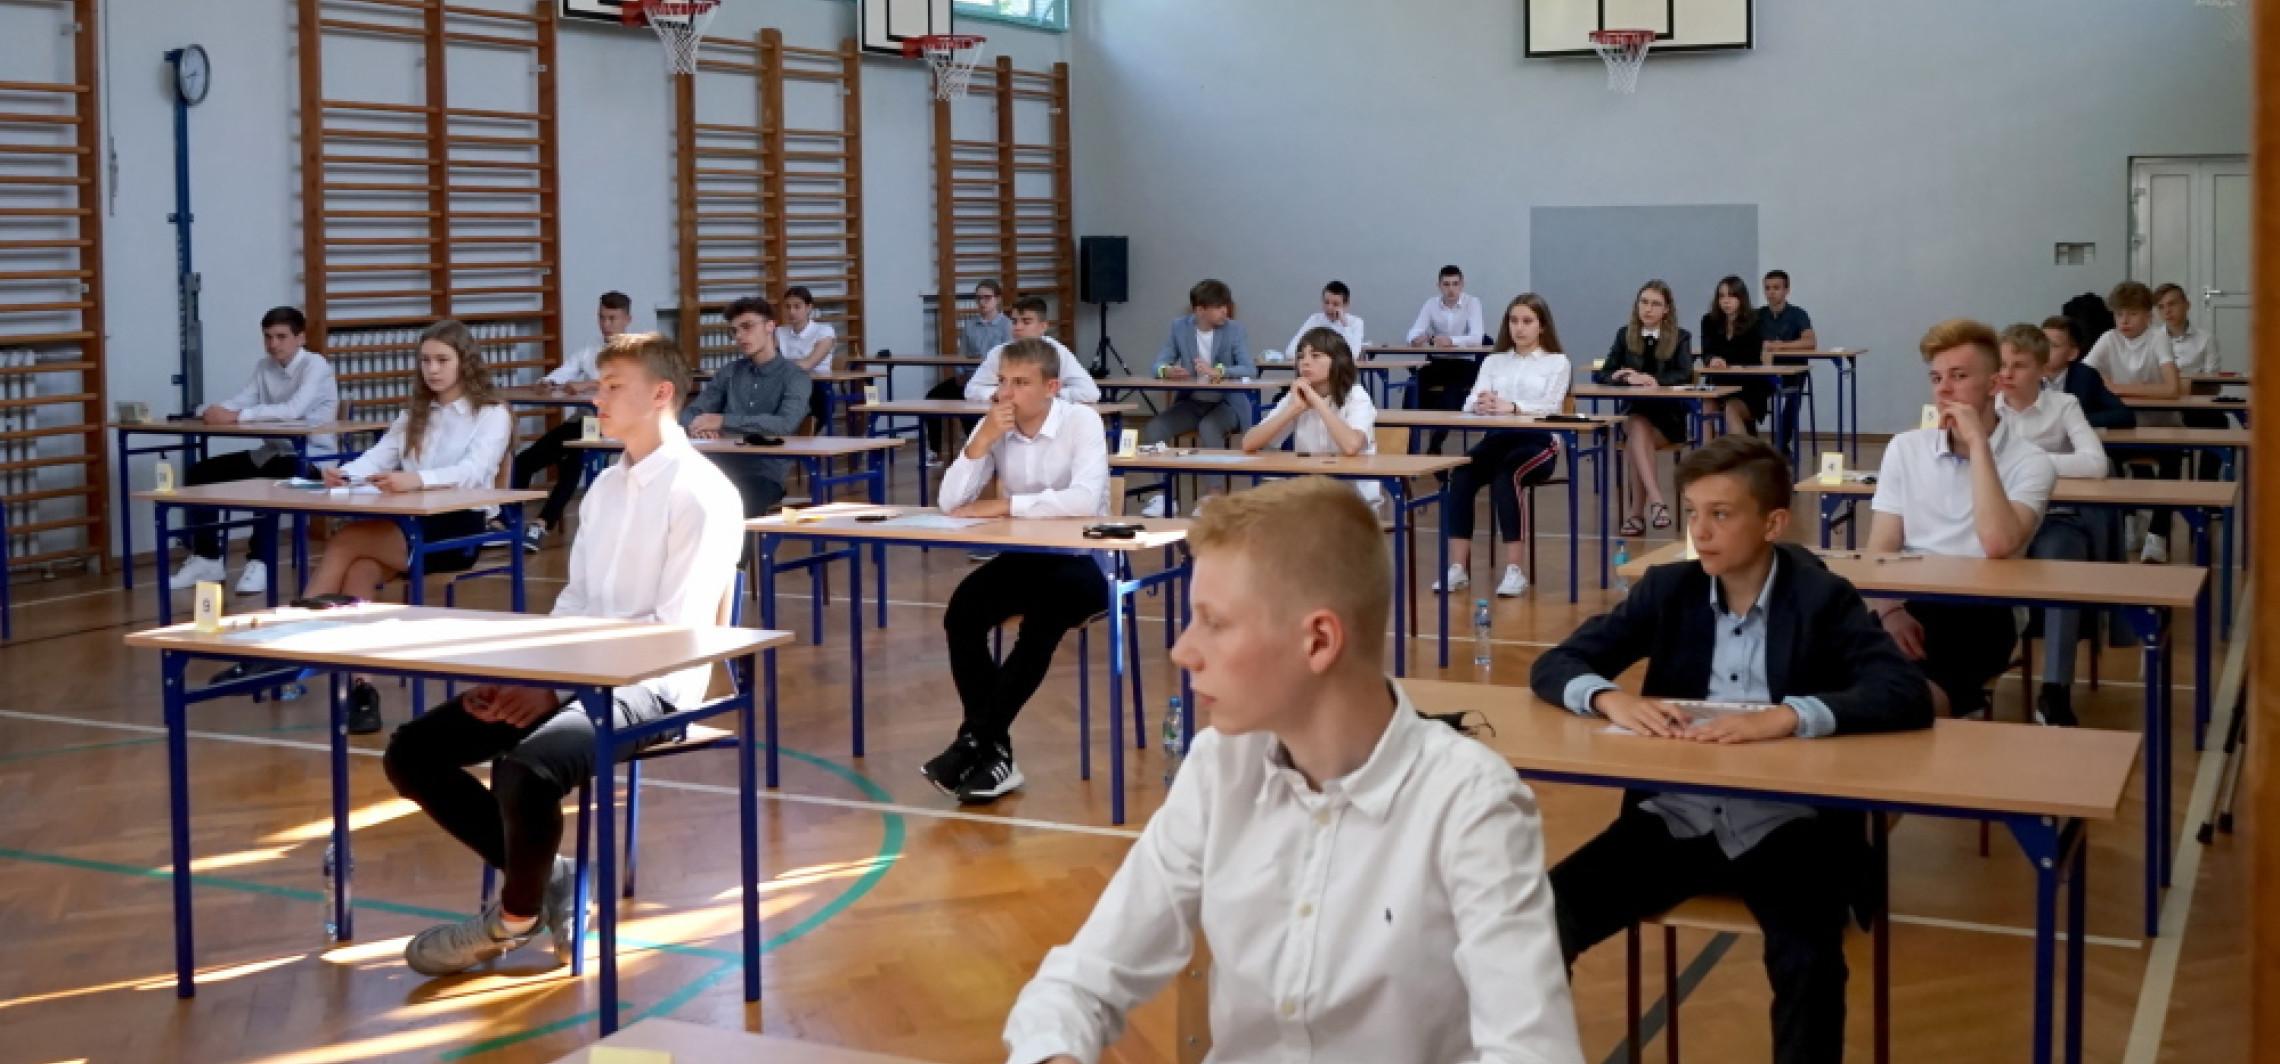 Kraj - We wtorek rozpoczyna się trzydniowy egzamin ósmoklasisty